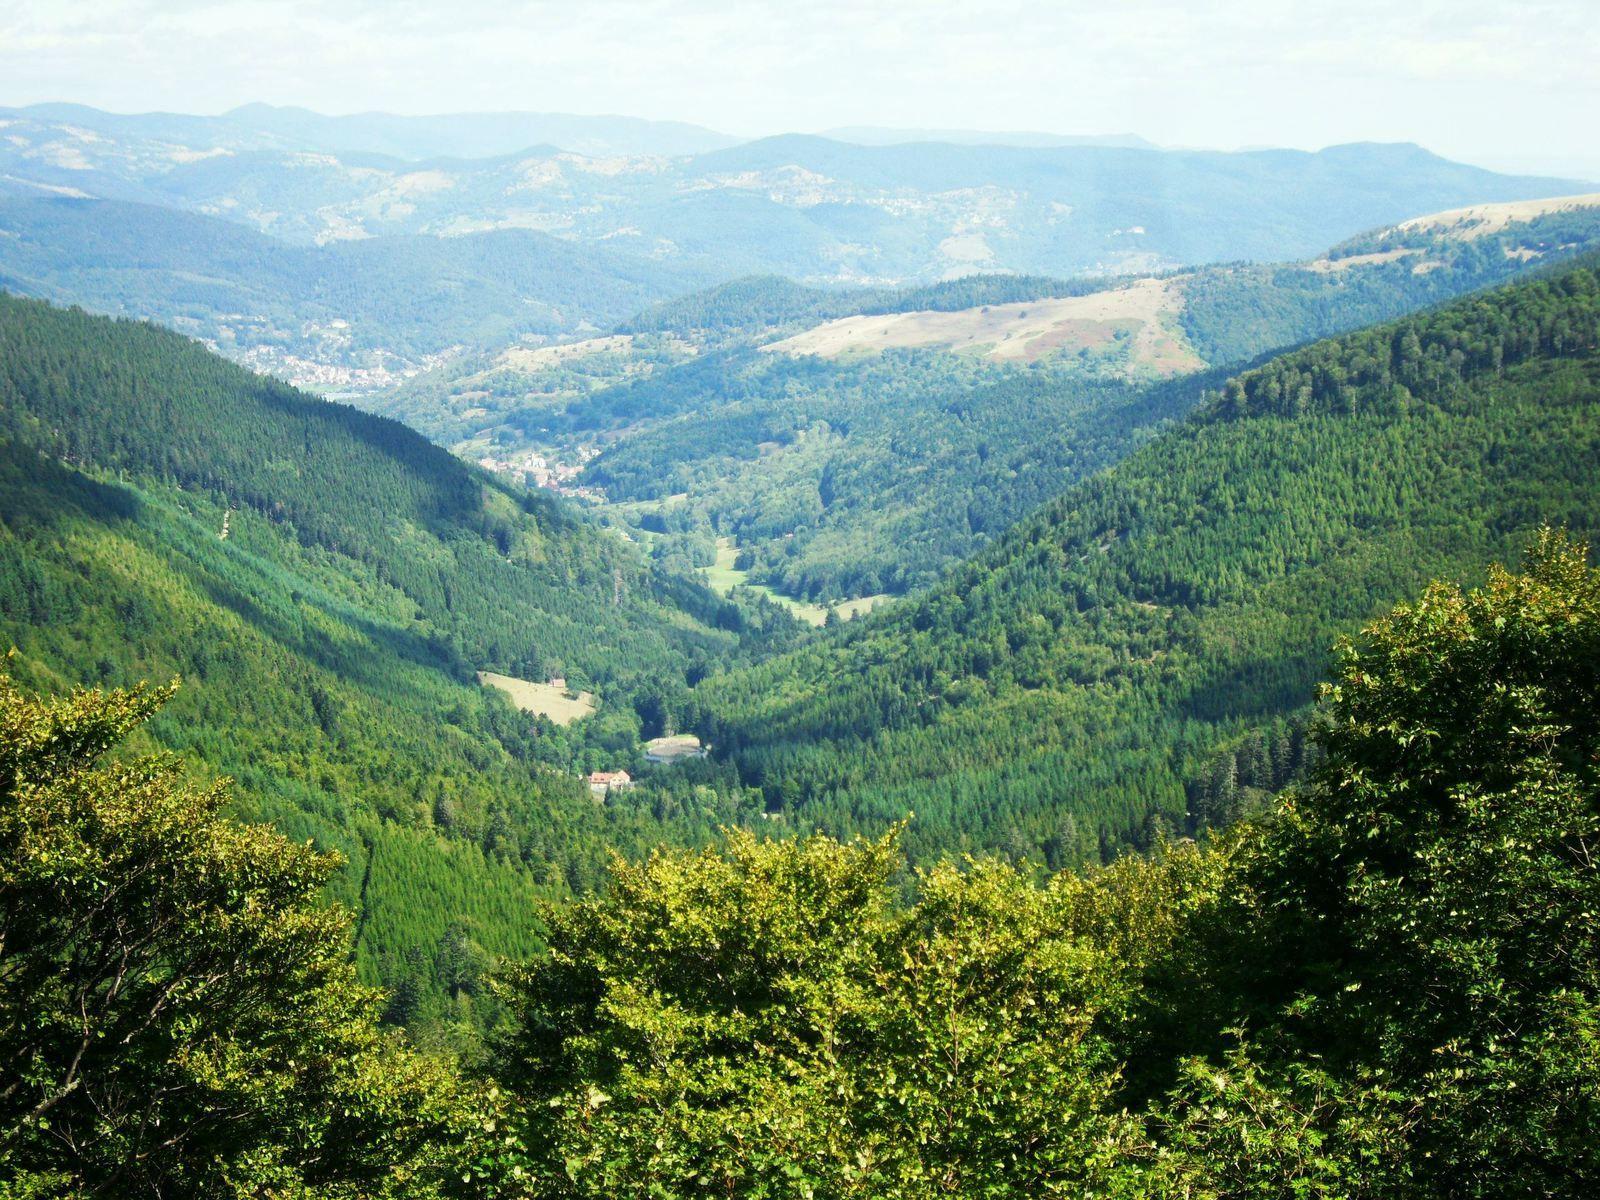 Mercredi 2 septembre - Randonnée autour du vallon de Sondernach